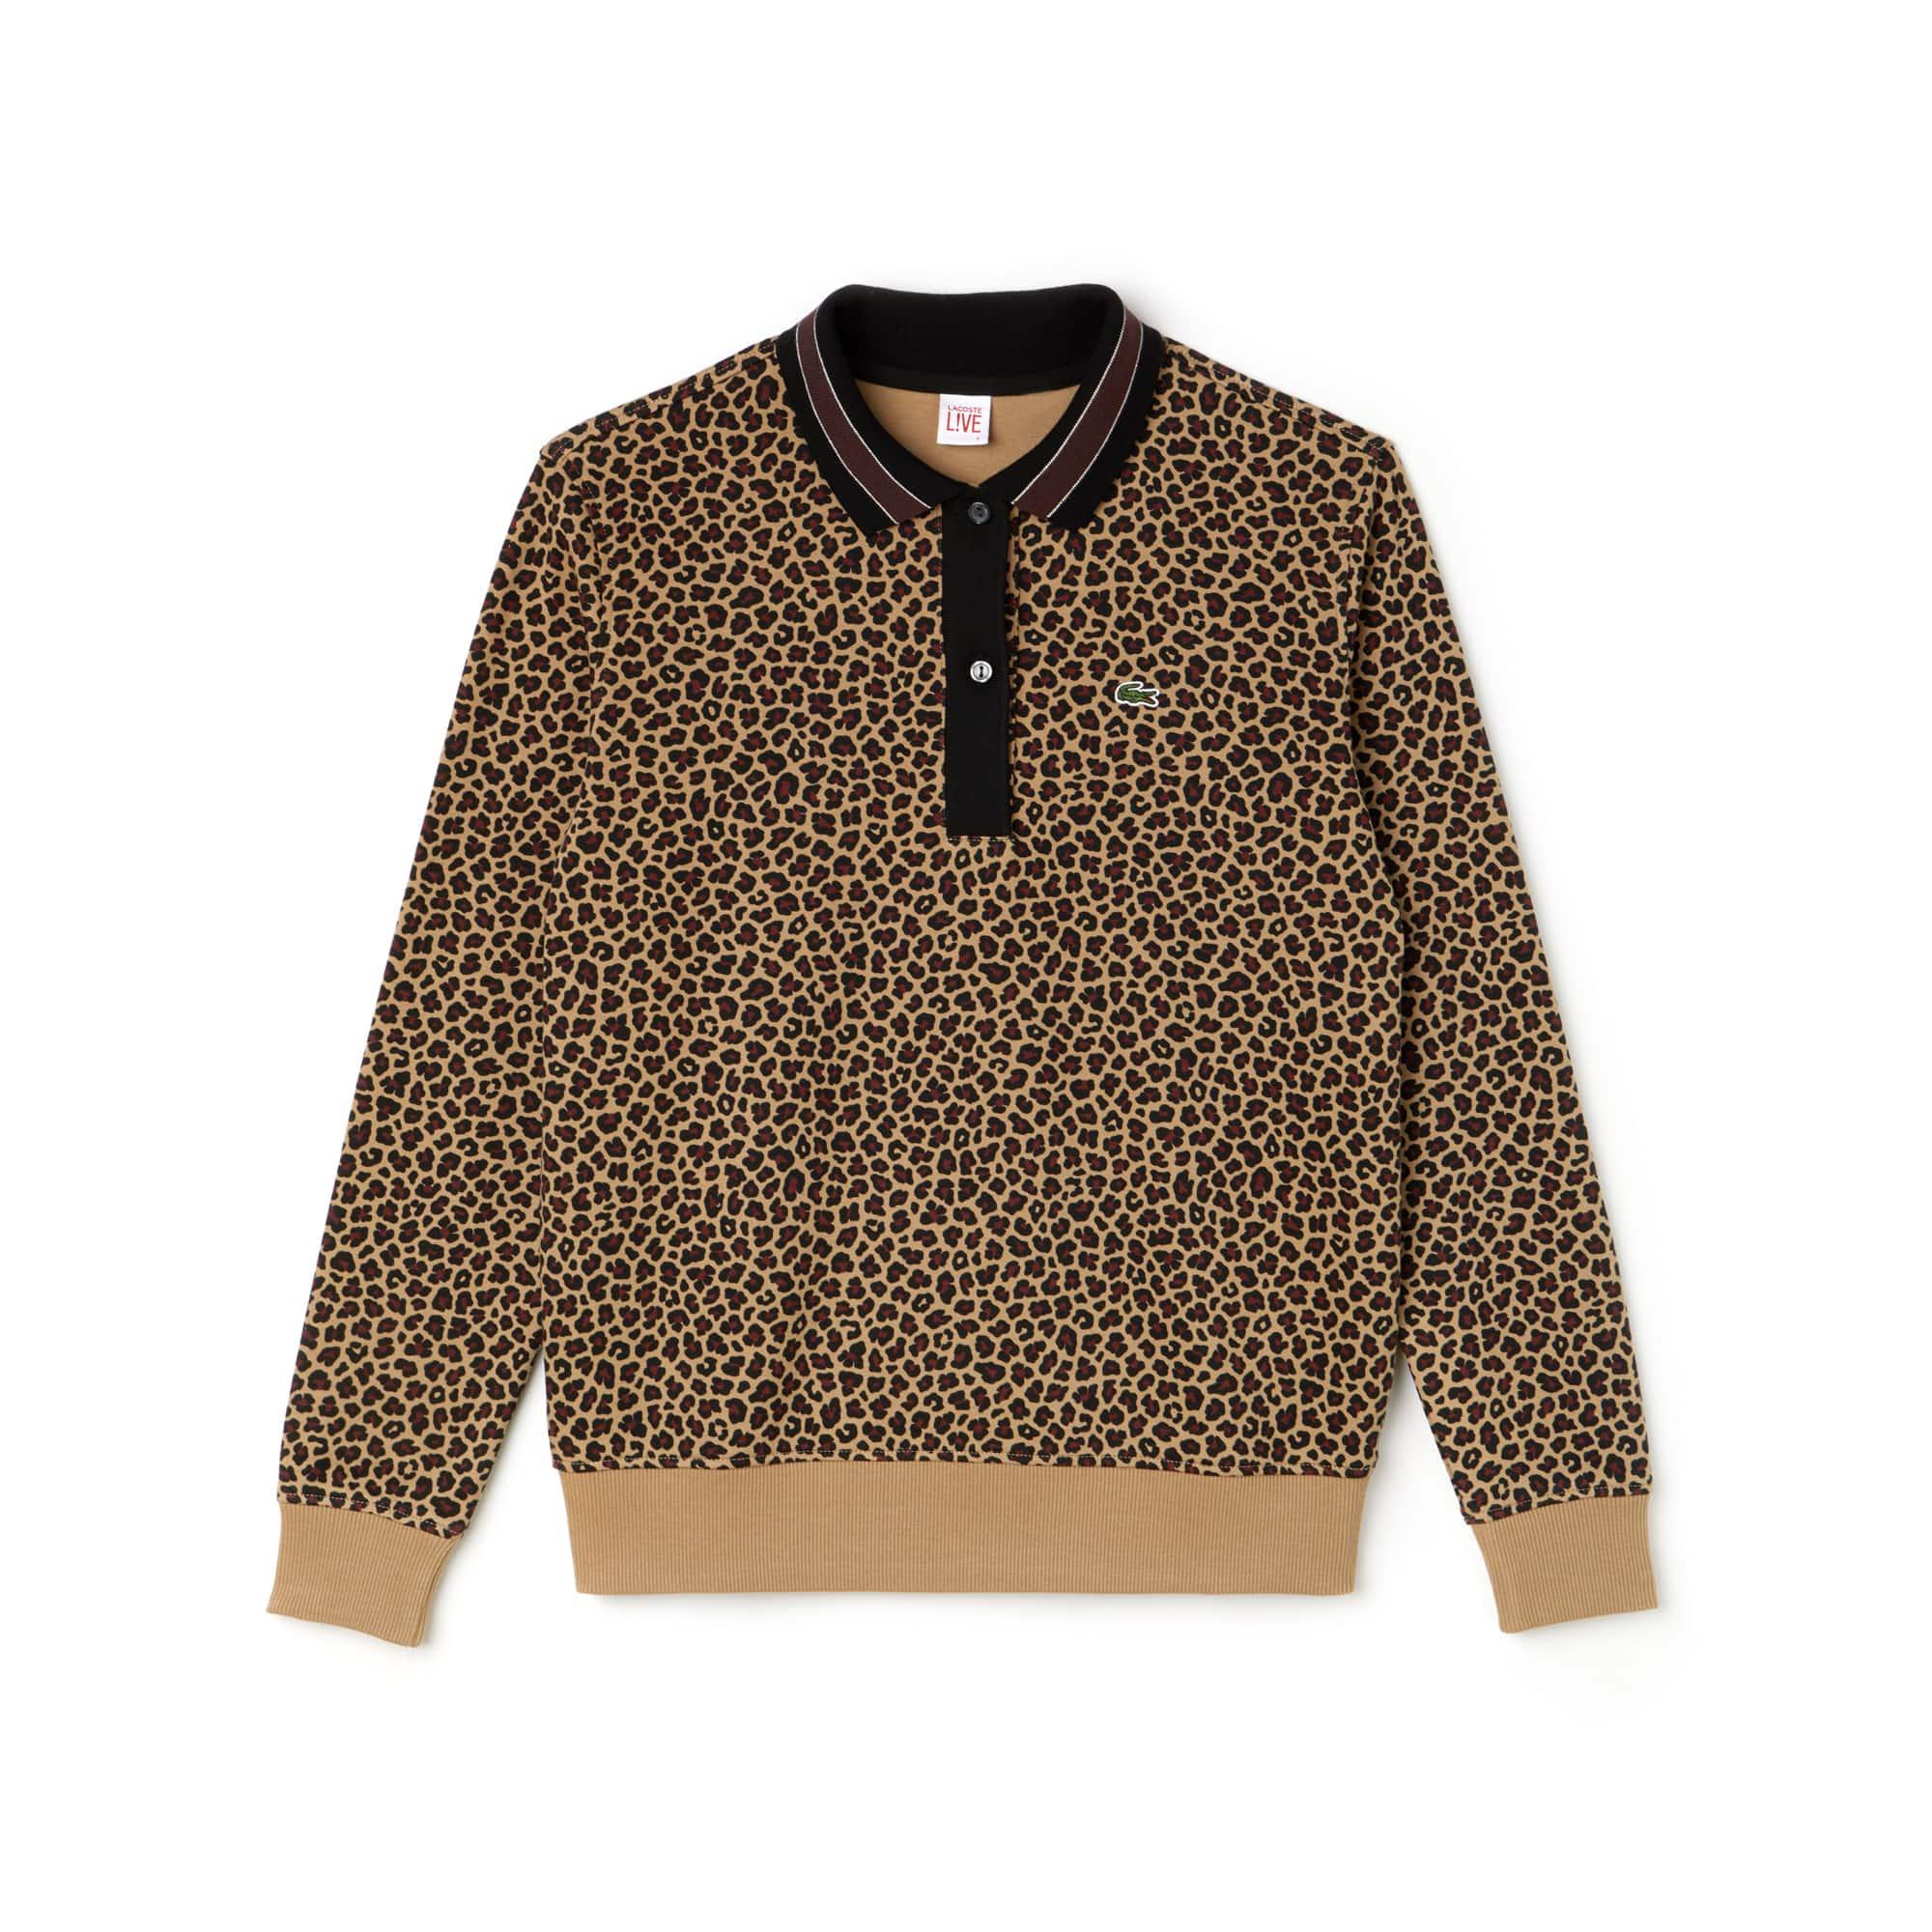 Polo boxy fit Lacoste LIVE em interlock de algodão com impressão leopardo